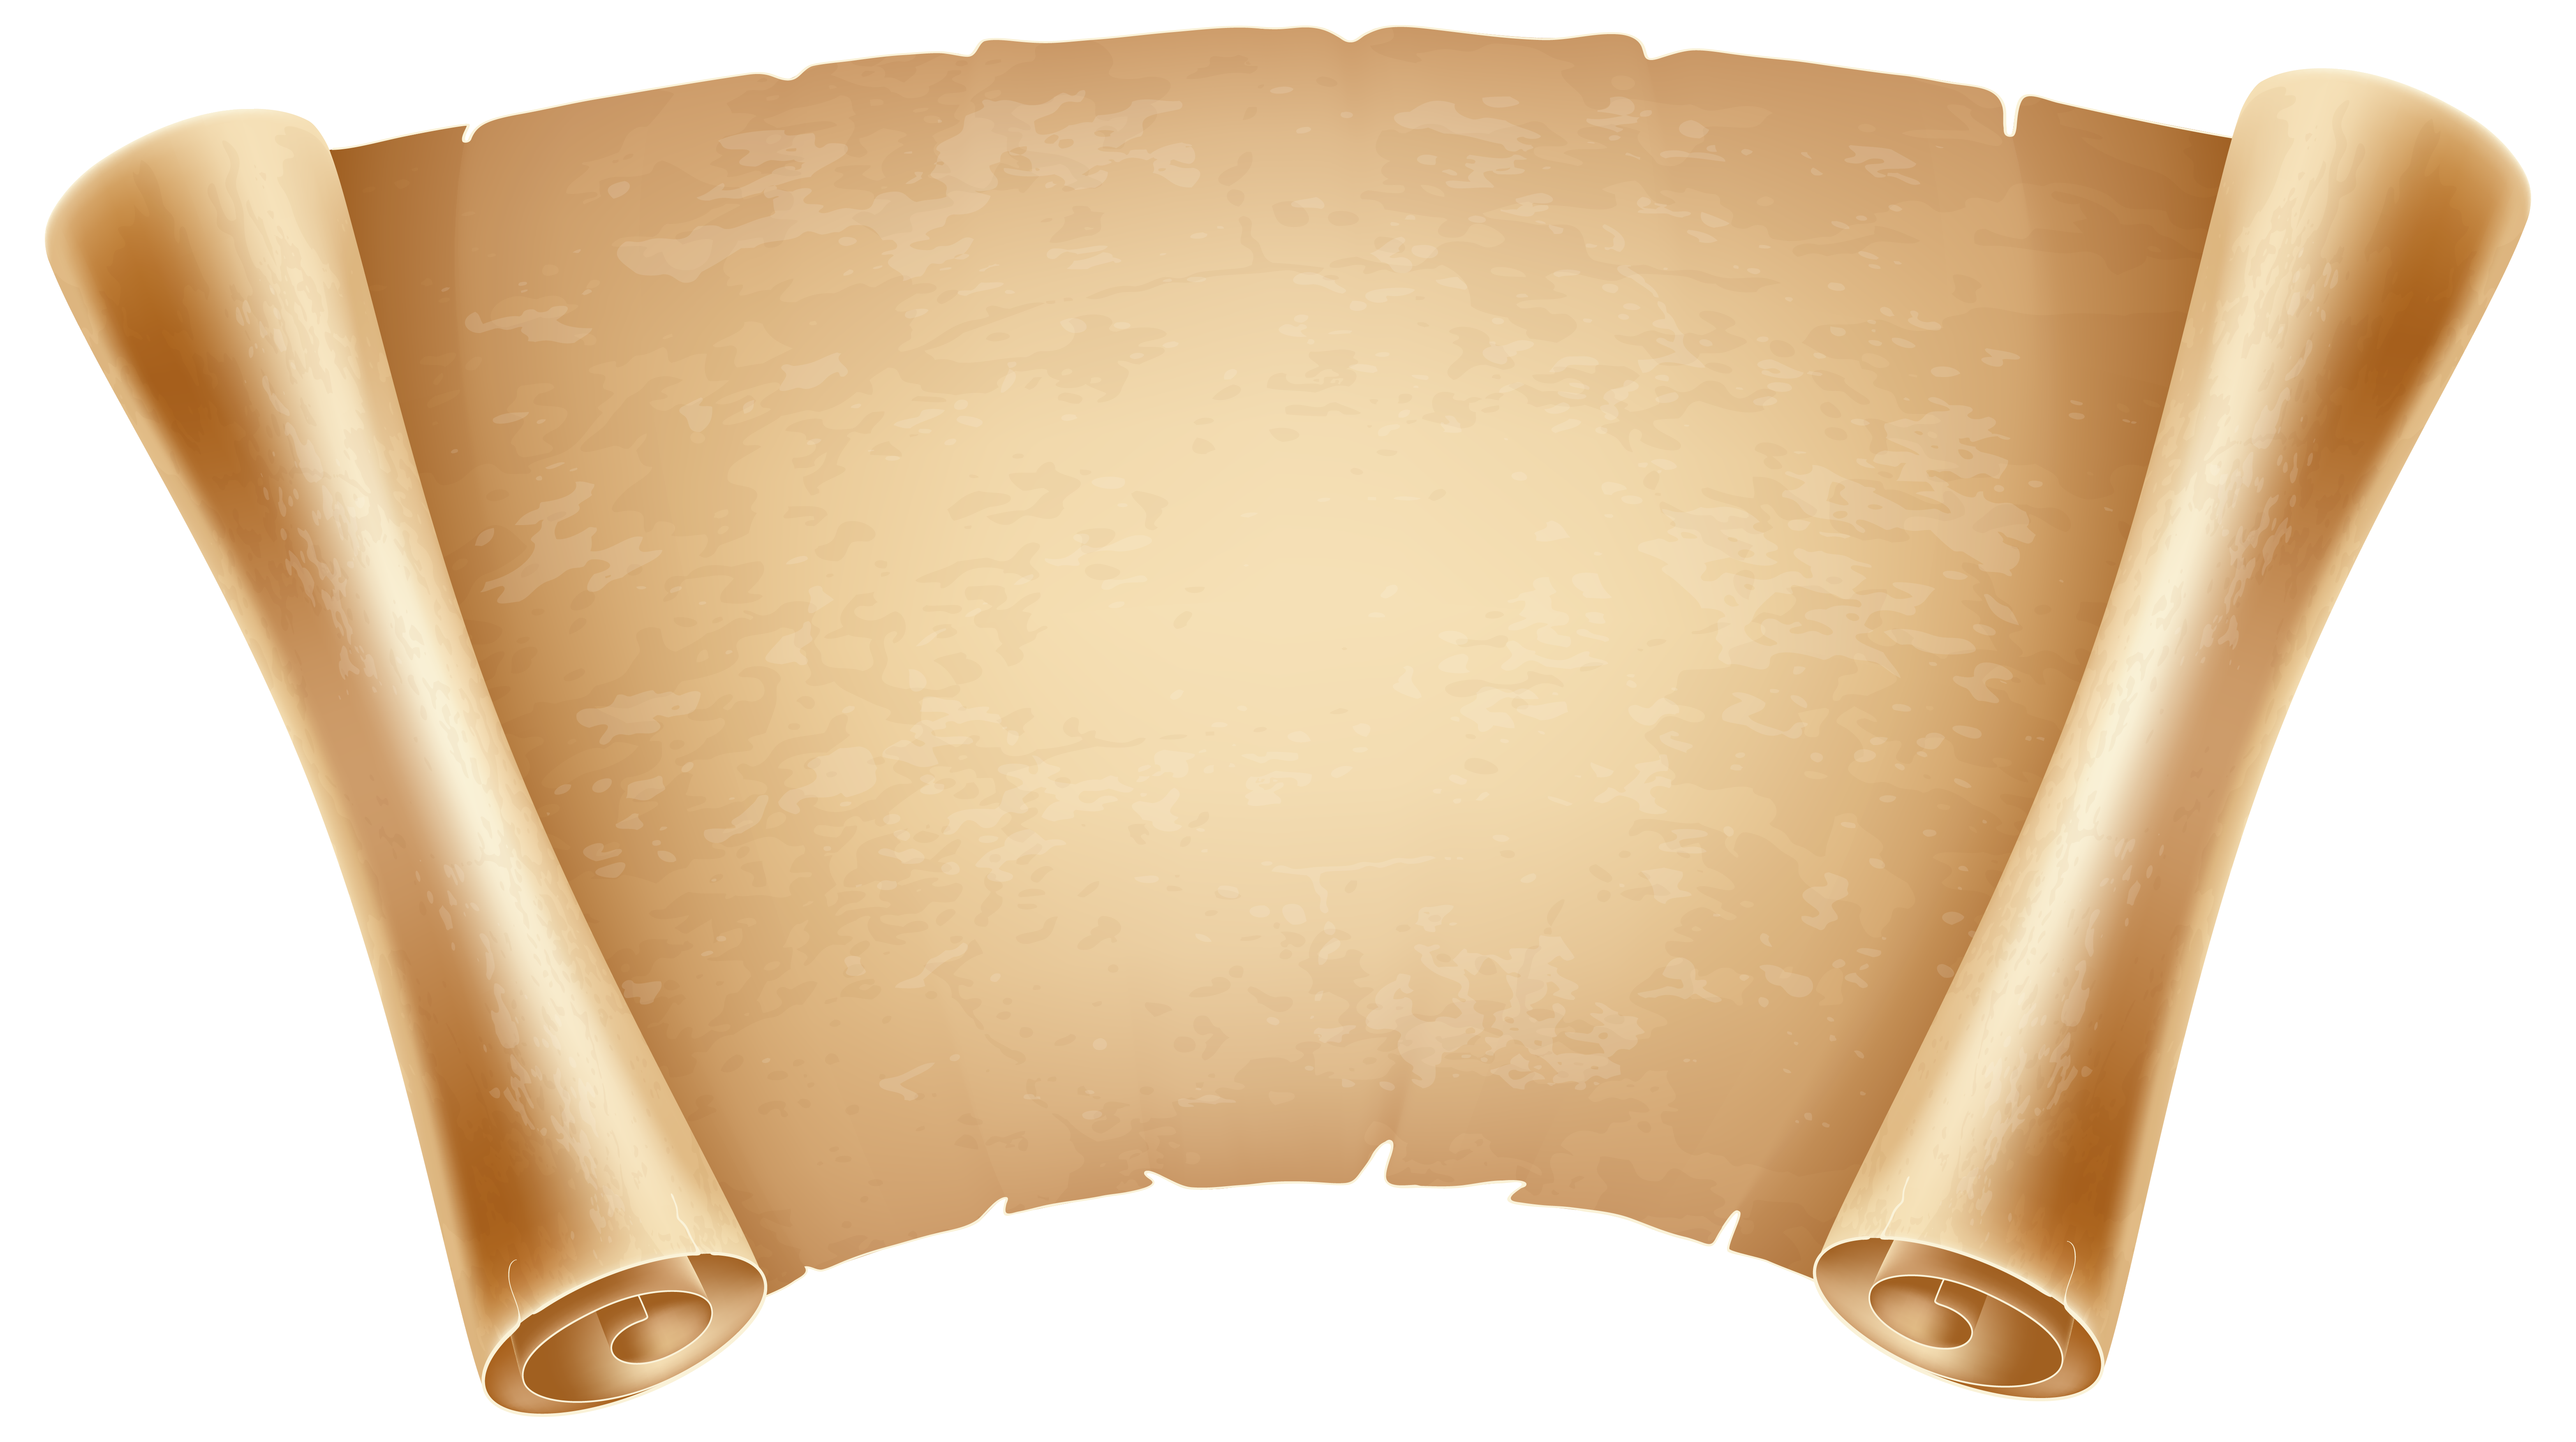 Papyrus Decorative PNG Clipart Image.